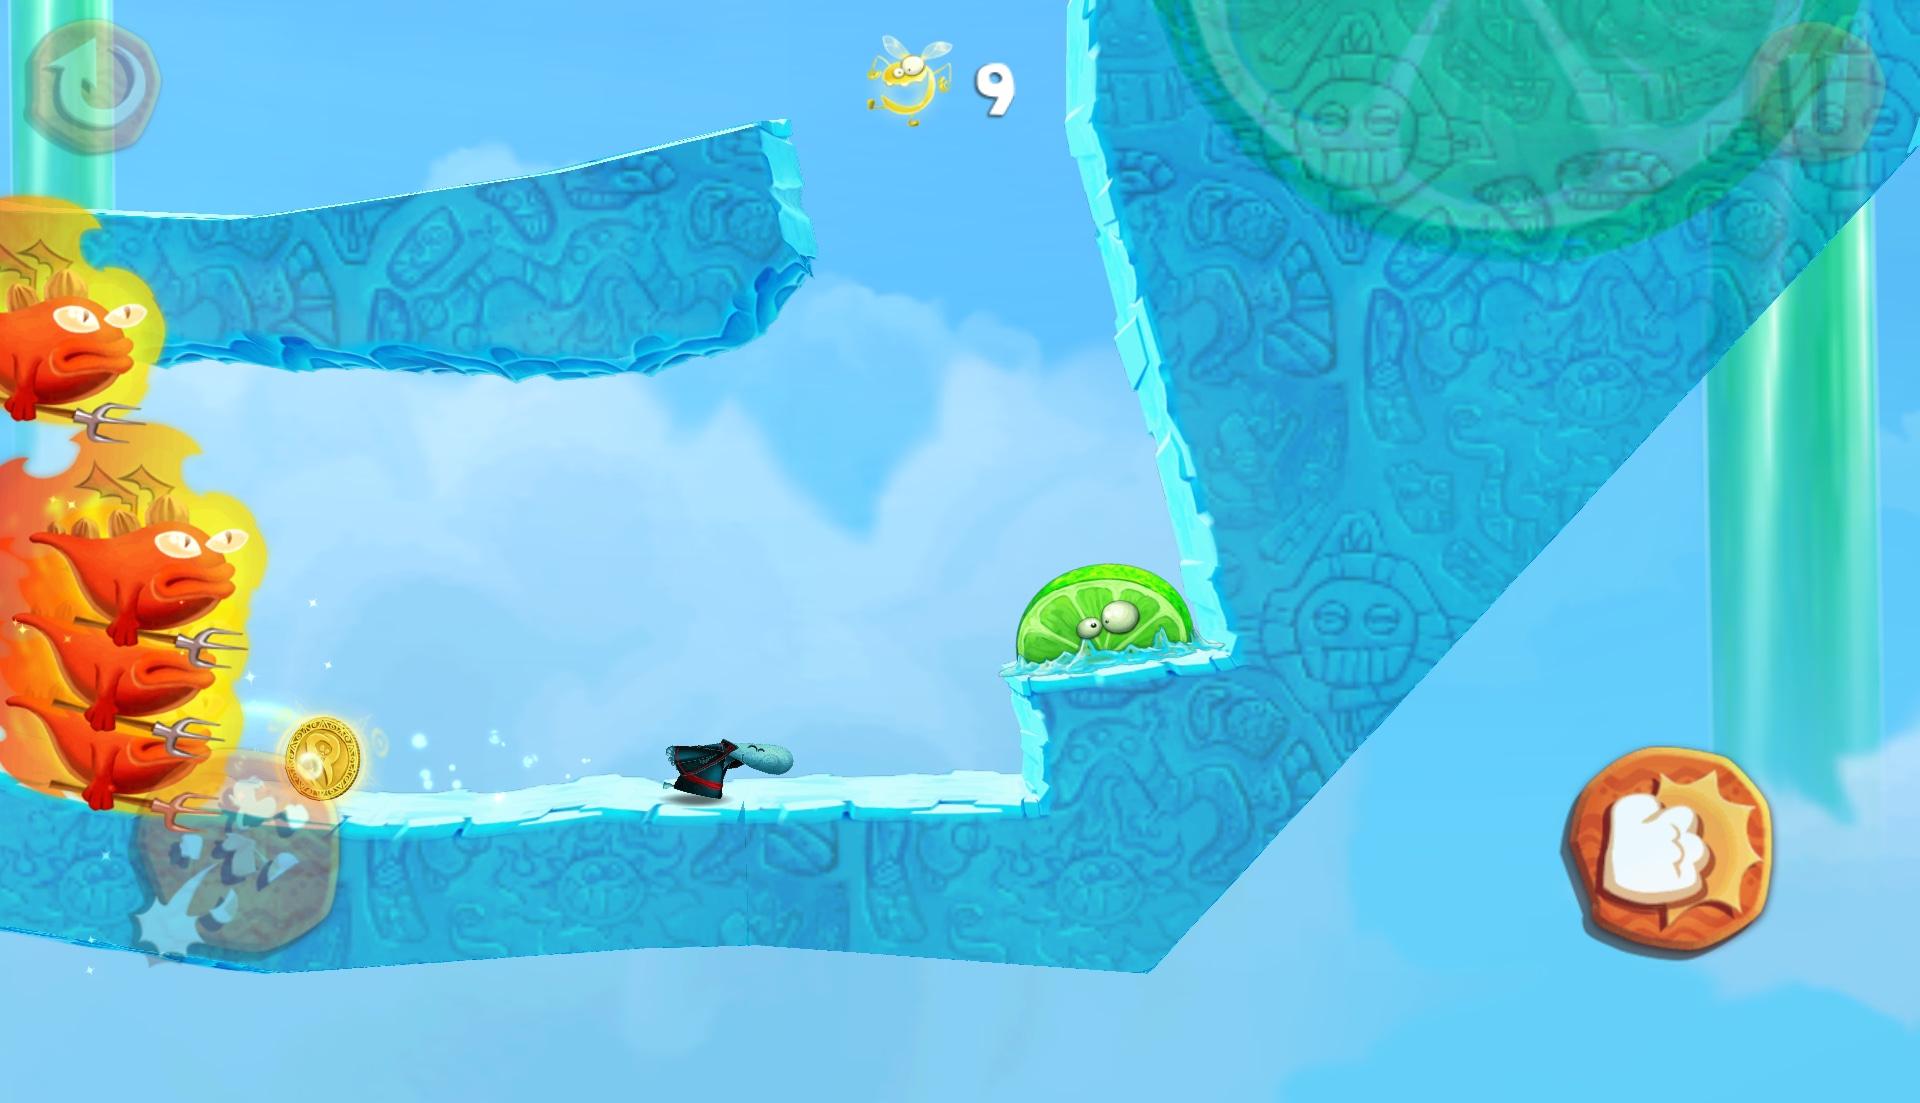 Oltre ai canonici livelli, sono presenti alcuni stage dove bisognerà fuggire da veri e propri boss.